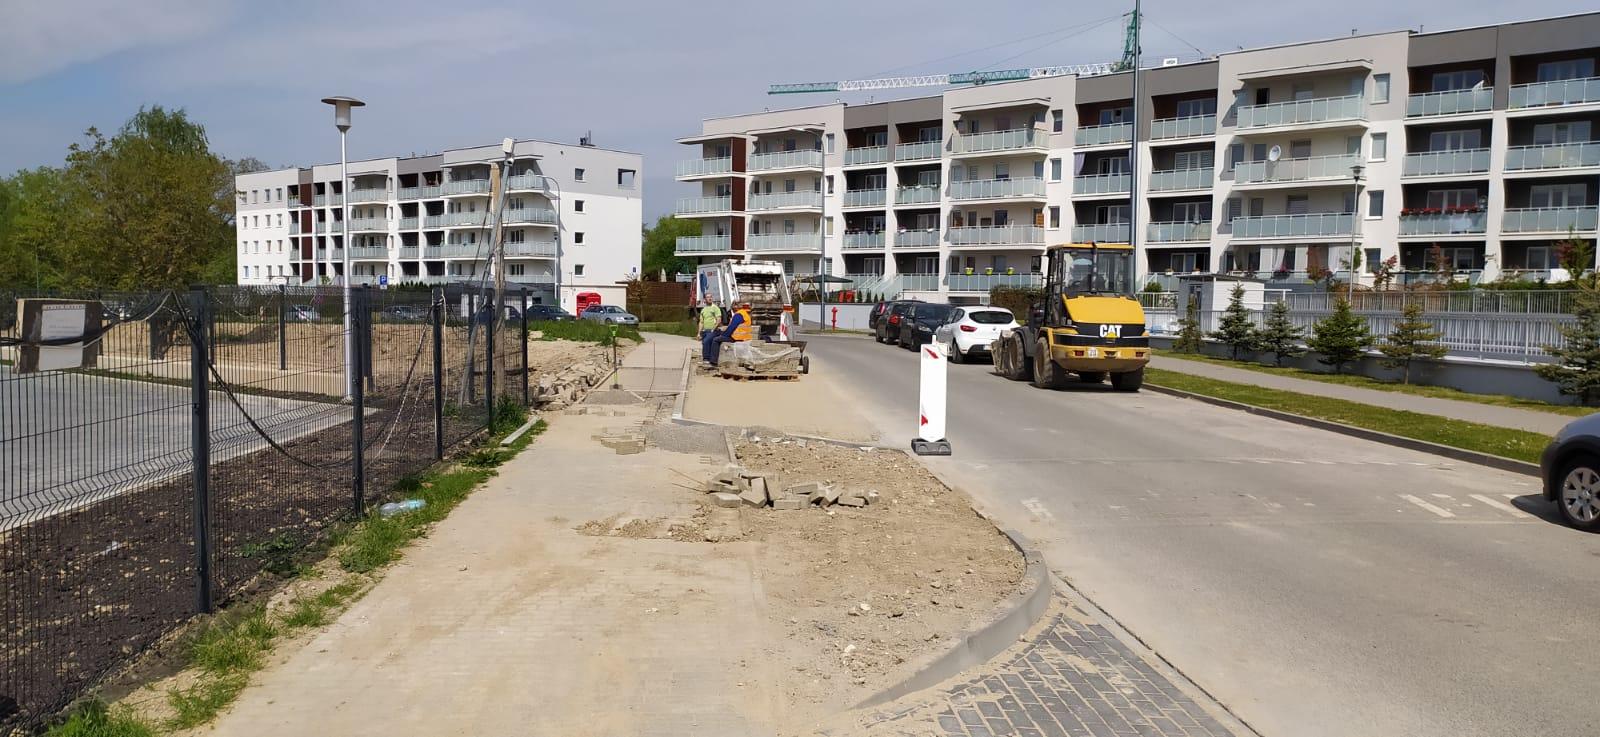 Lublin: więcej miejsc parkingowych na Kośminku. Dzięki Budżetowi Obywatelskiemu - Zdjęcie główne